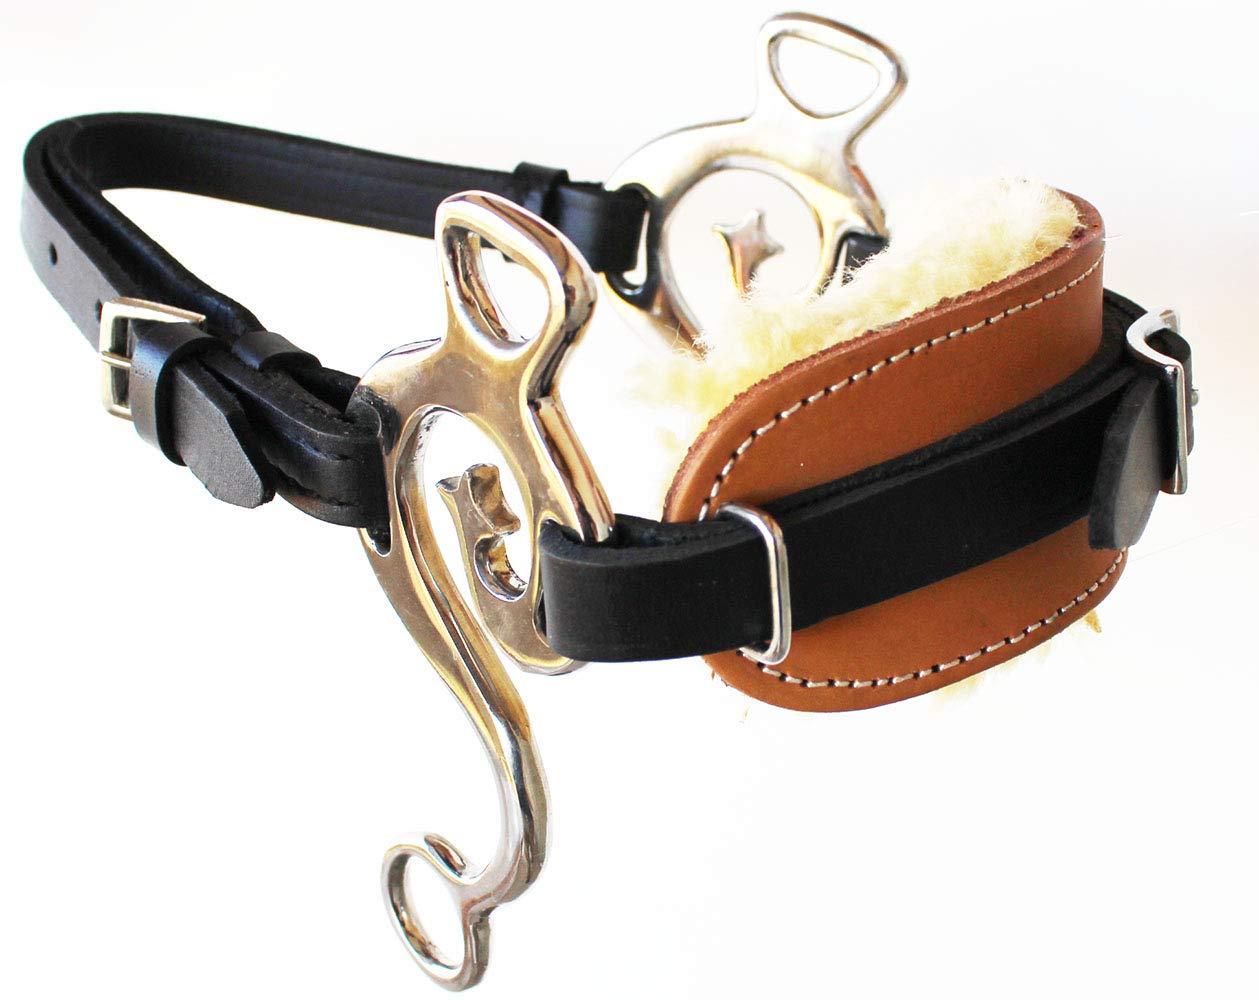 Challenger Tack Horse ウェスタン フリース パッド入り ツートンカラー レザー 真鍮 調節可能 ハカモア 35H55   B07H8NPZPM